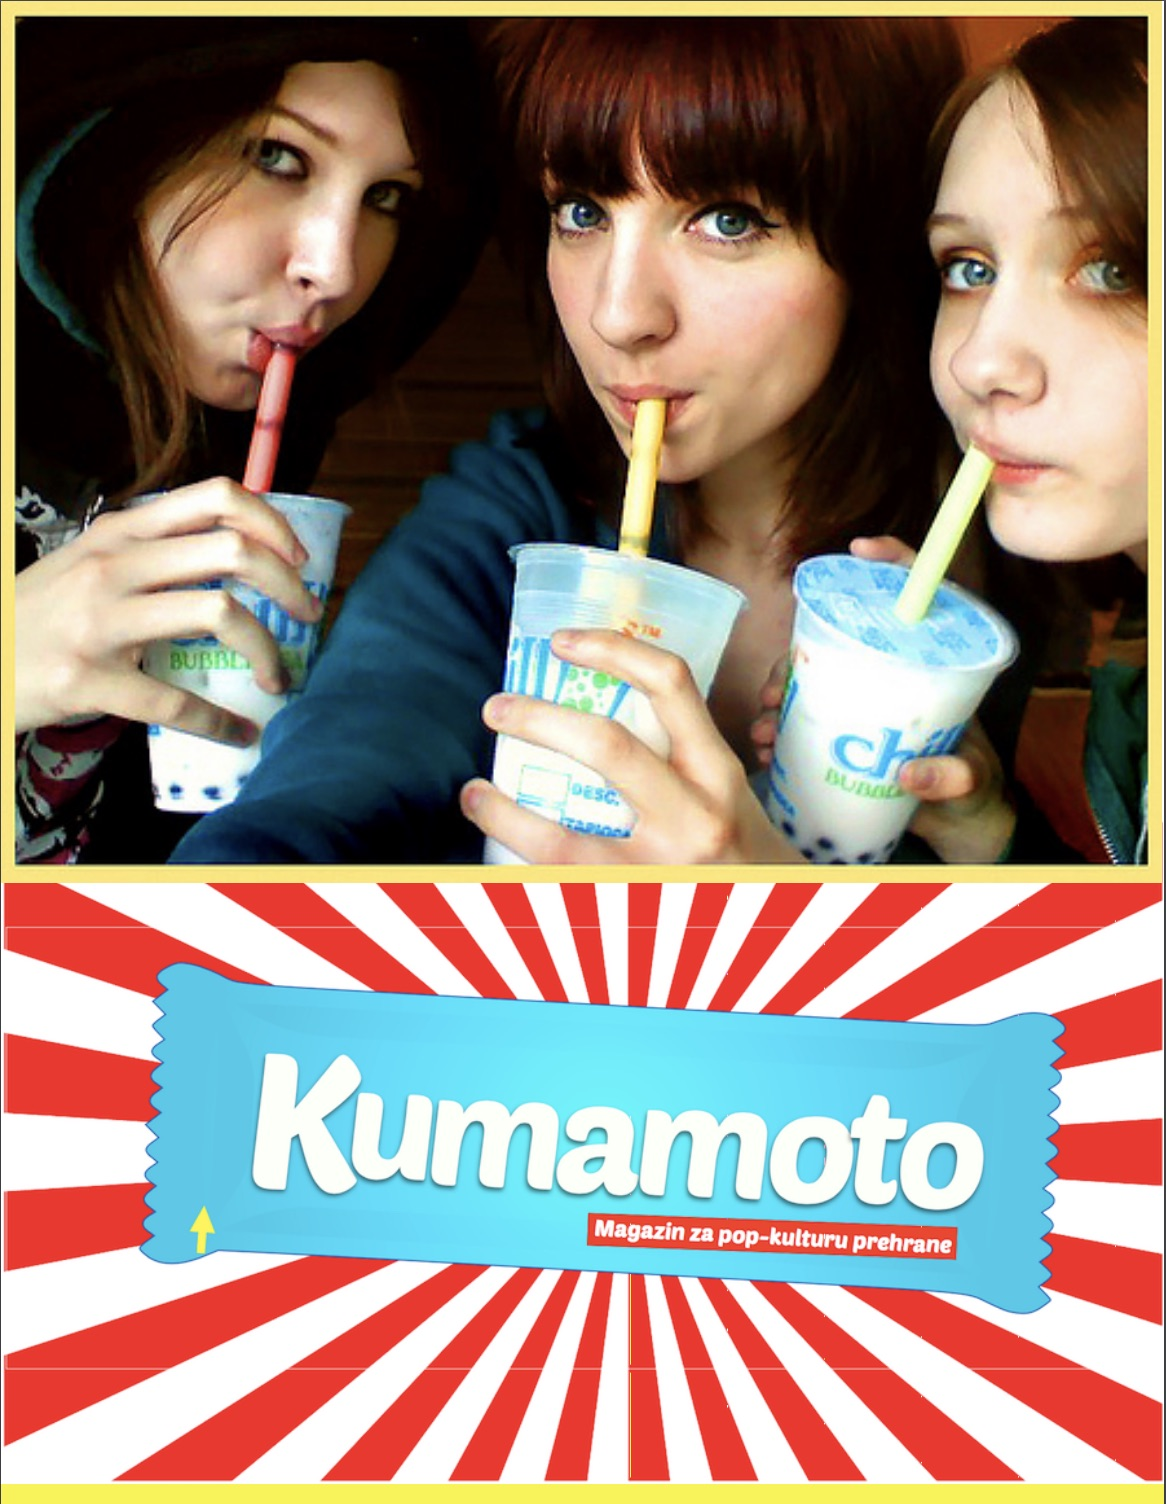 kumamoto-najava